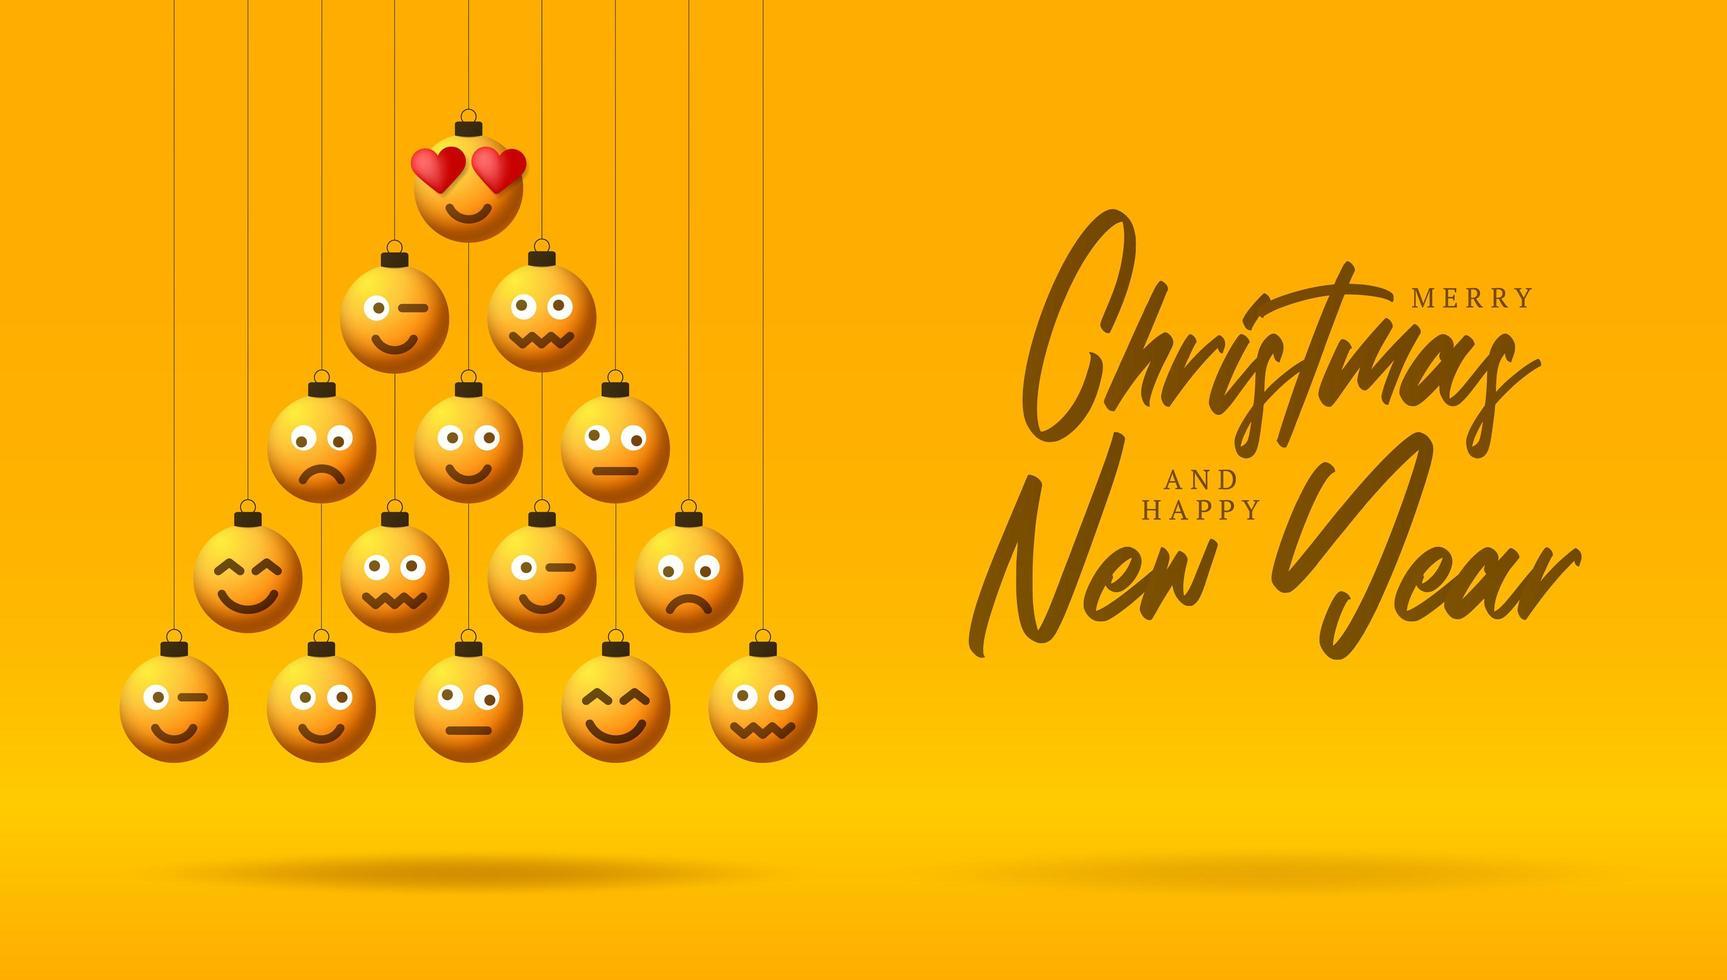 saluto festivo con ornamenti facciali emoji a forma di albero vettore